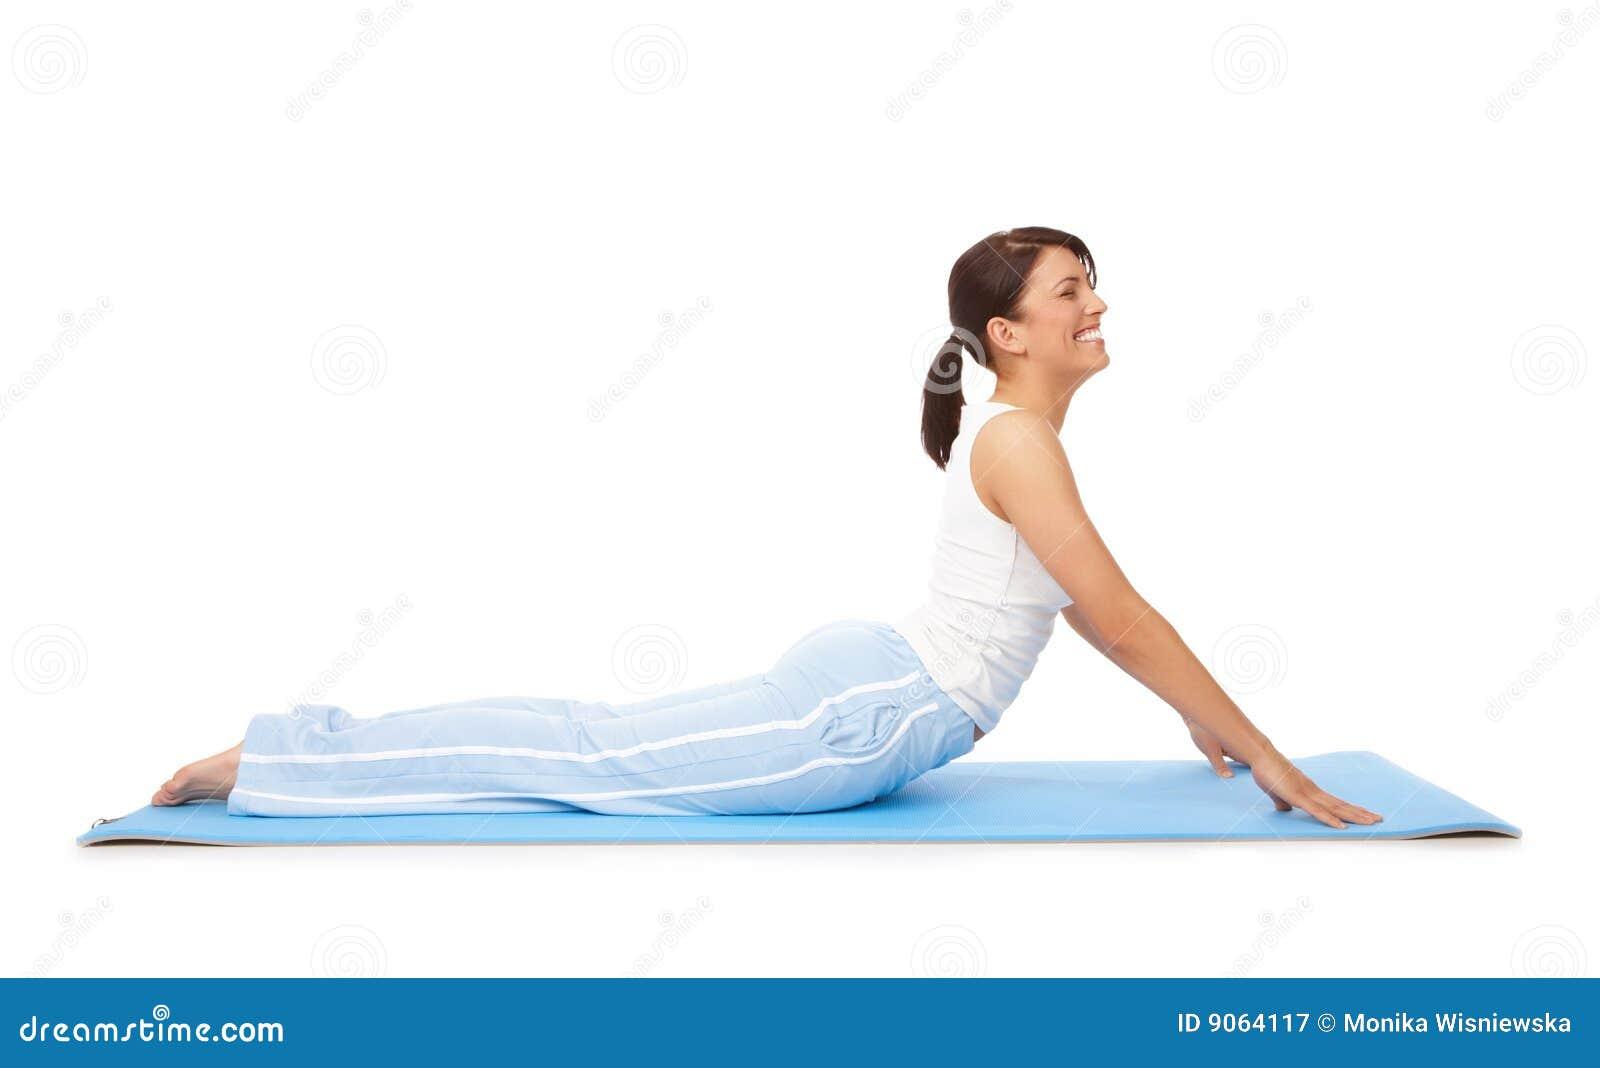 Jonge vrouw die yoga of pilates oefening op mat doet